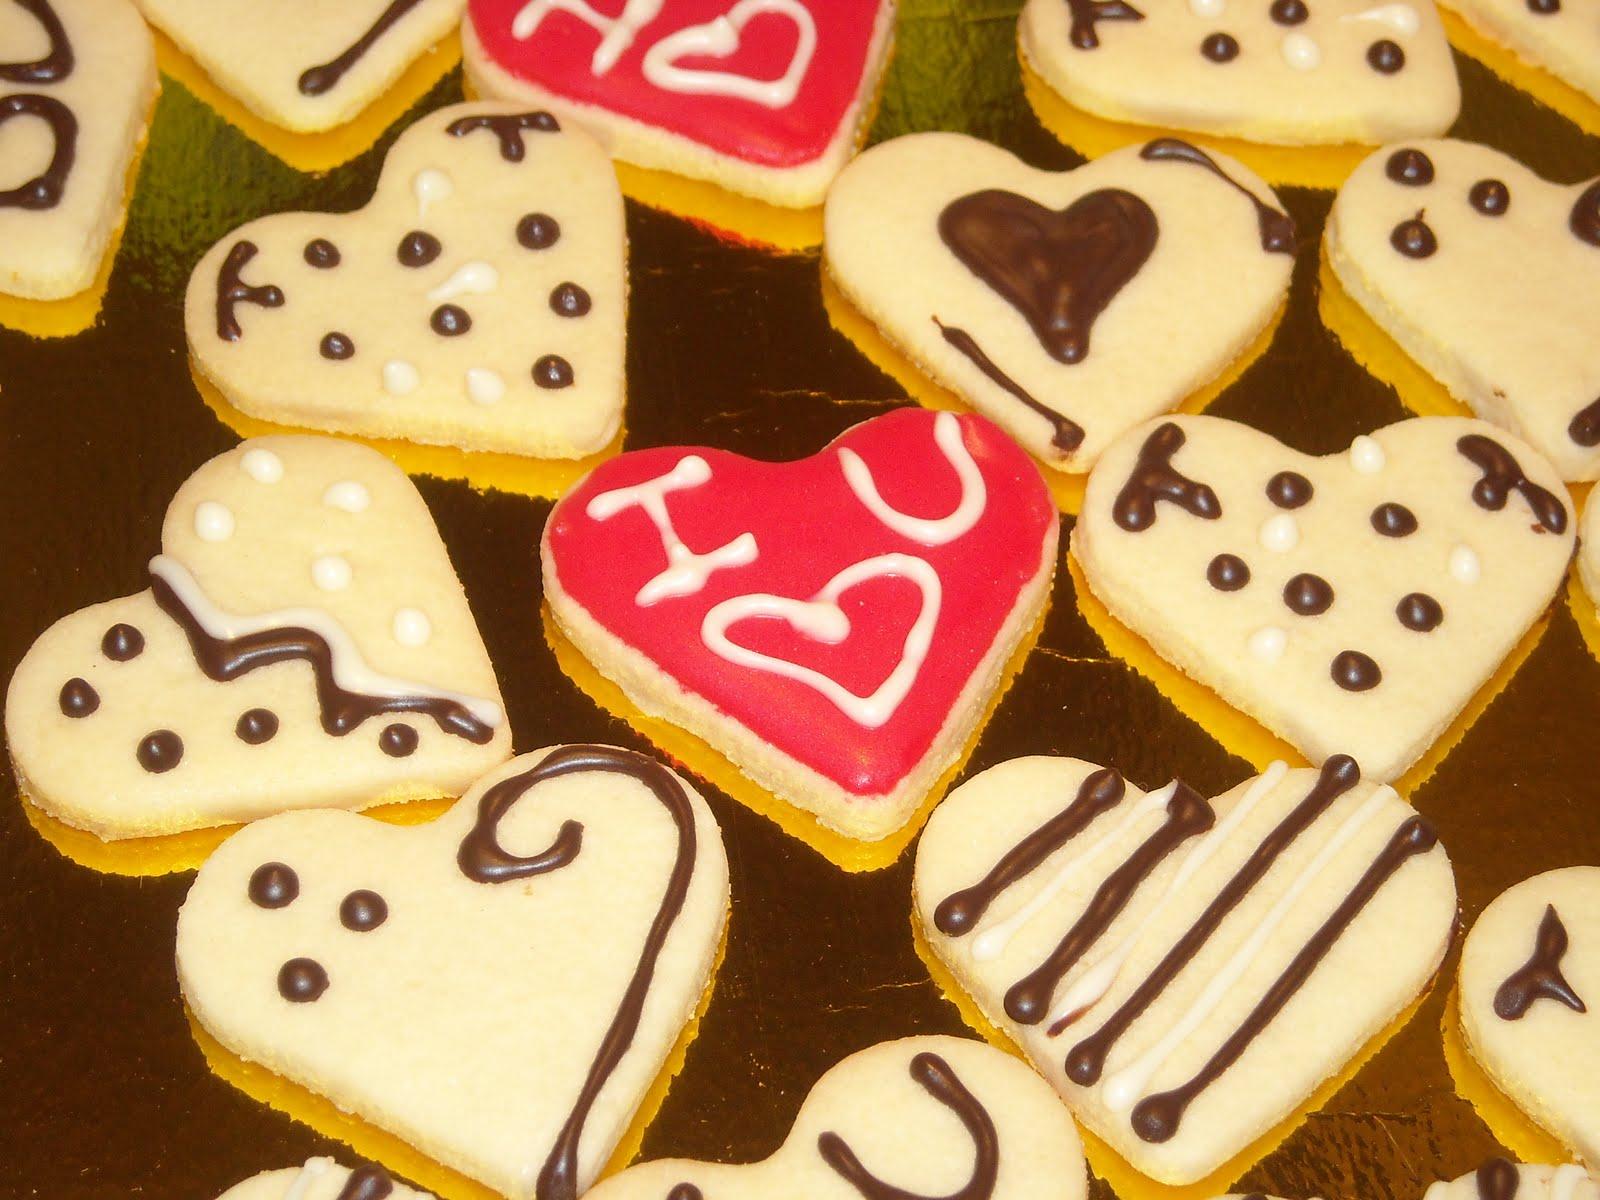 http://2.bp.blogspot.com/_Qu-KxwZh9G4/TUbW4fDHKjI/AAAAAAAAdQw/RIeJxCMM24Q/s1600/Cookies+San+Valent%25C3%25ADn+009.jpg